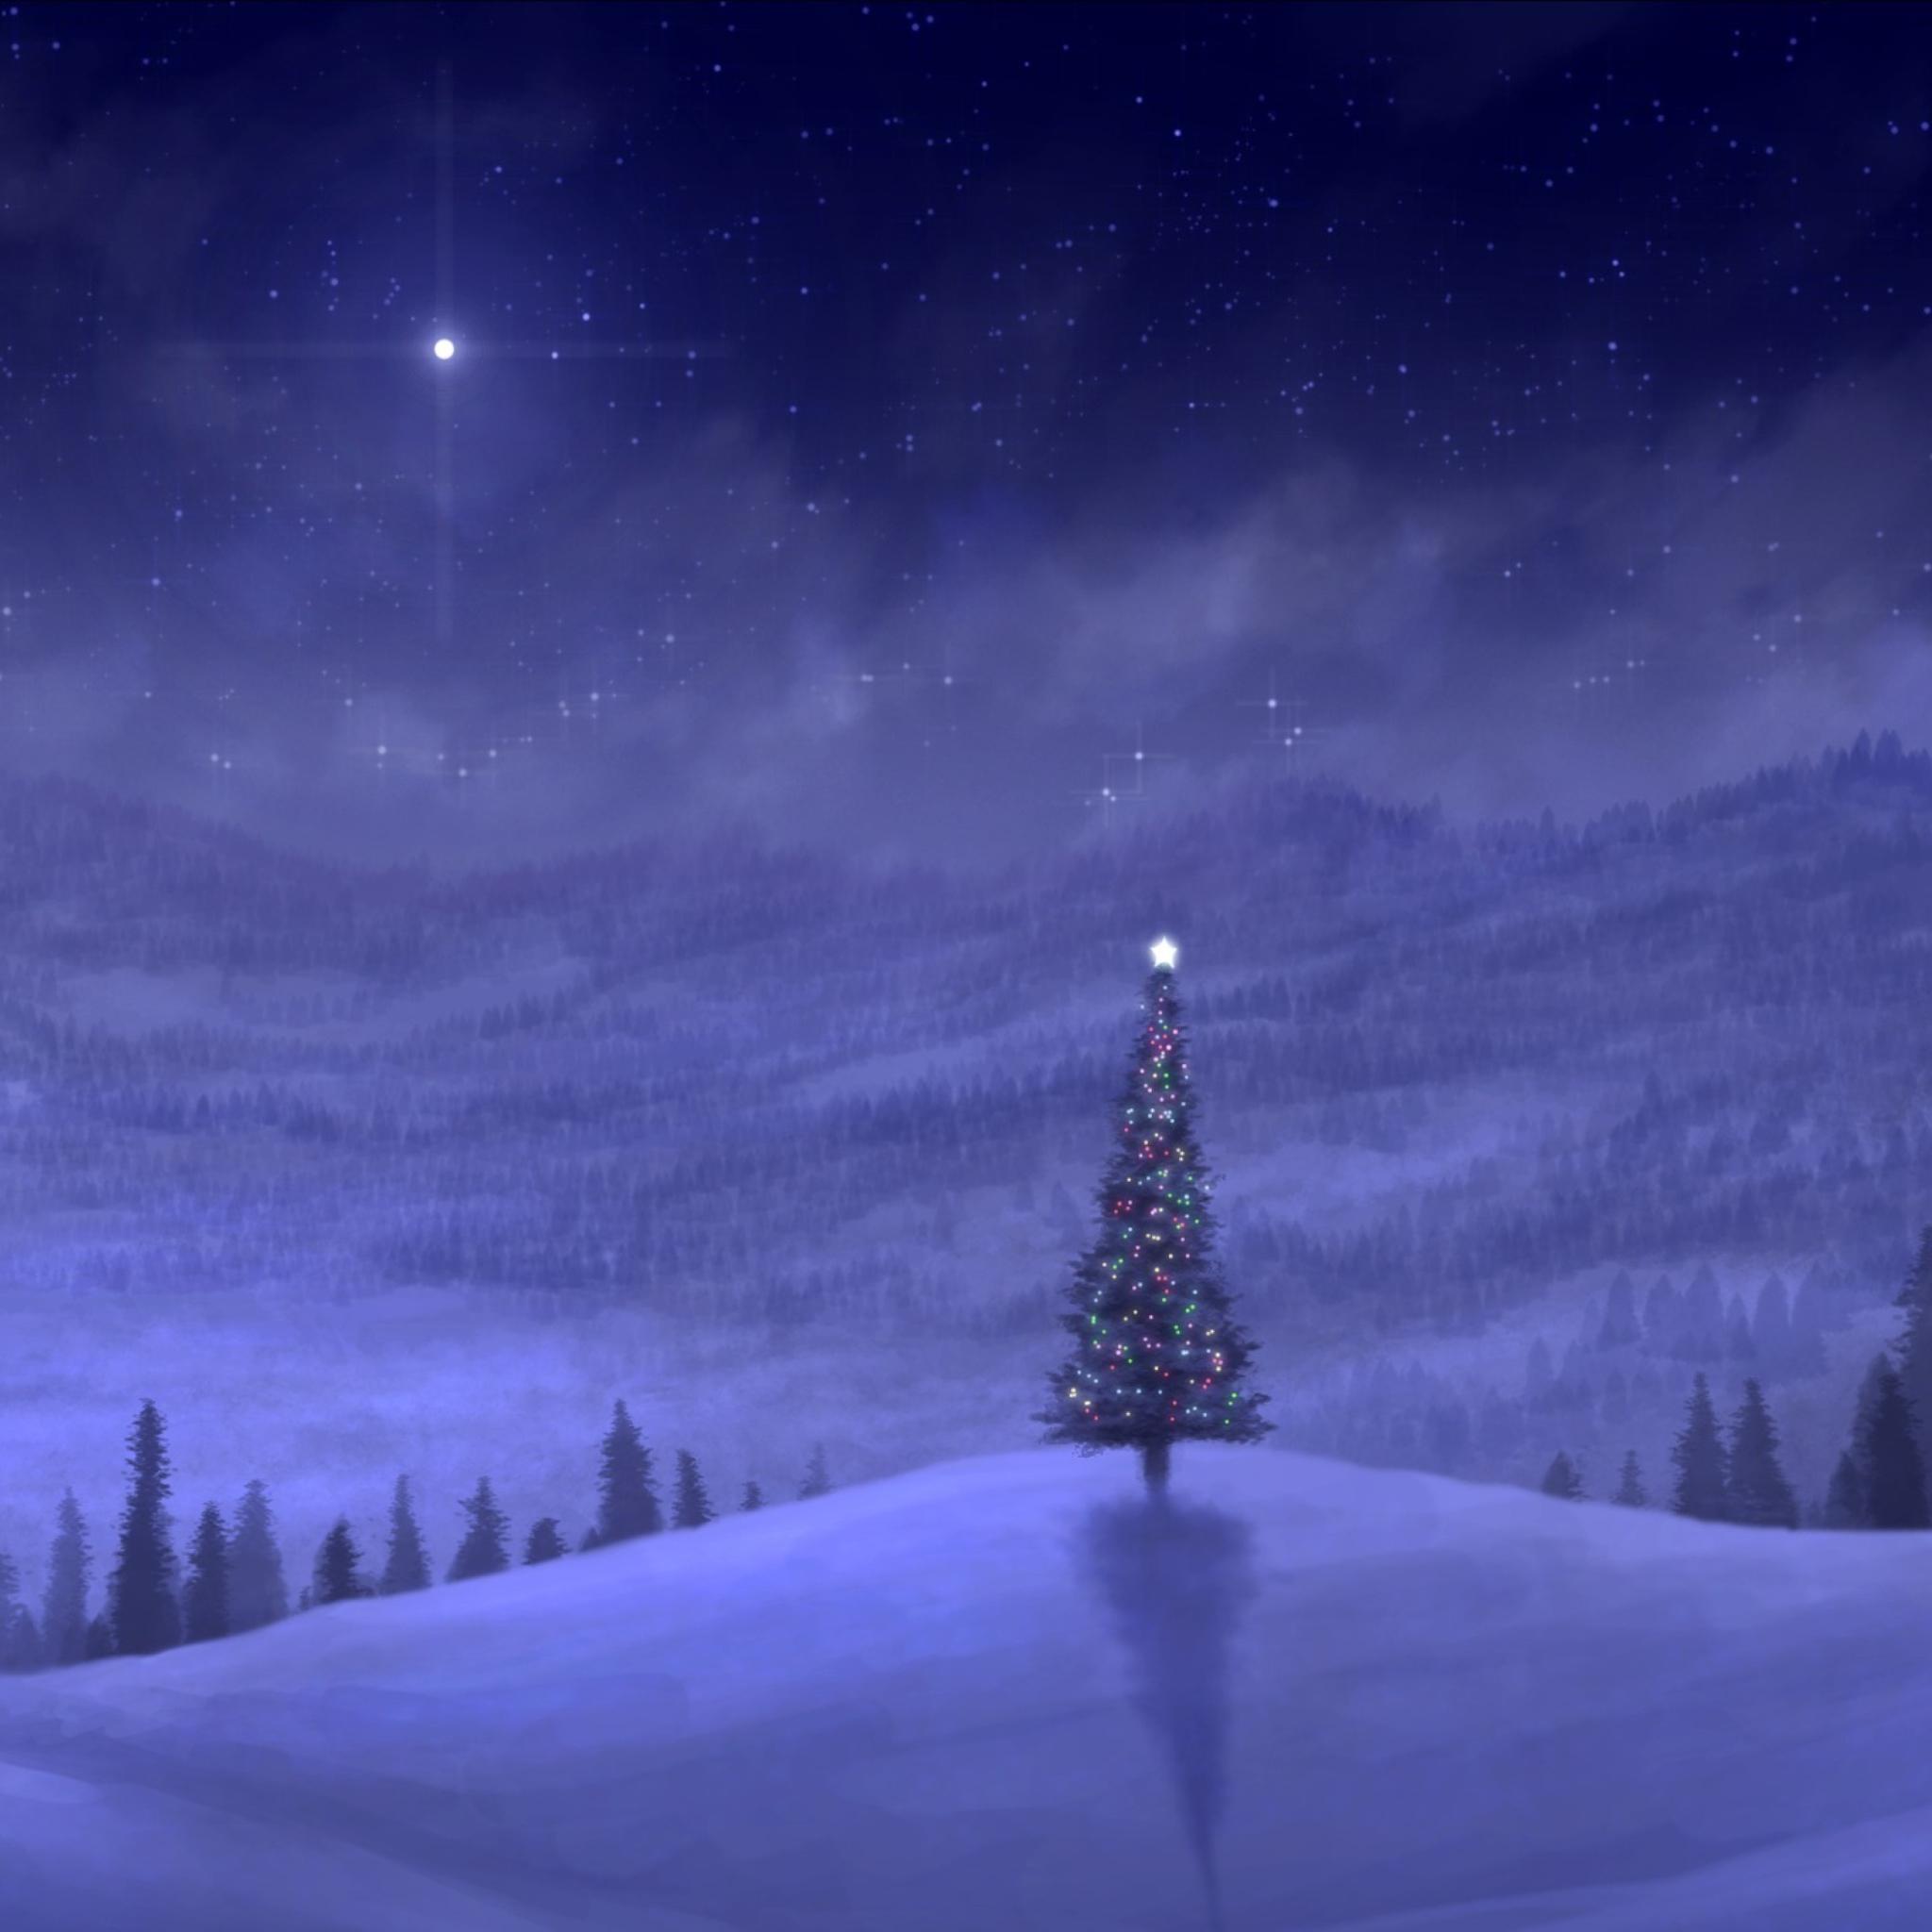 ель огни снег  № 3330368 загрузить